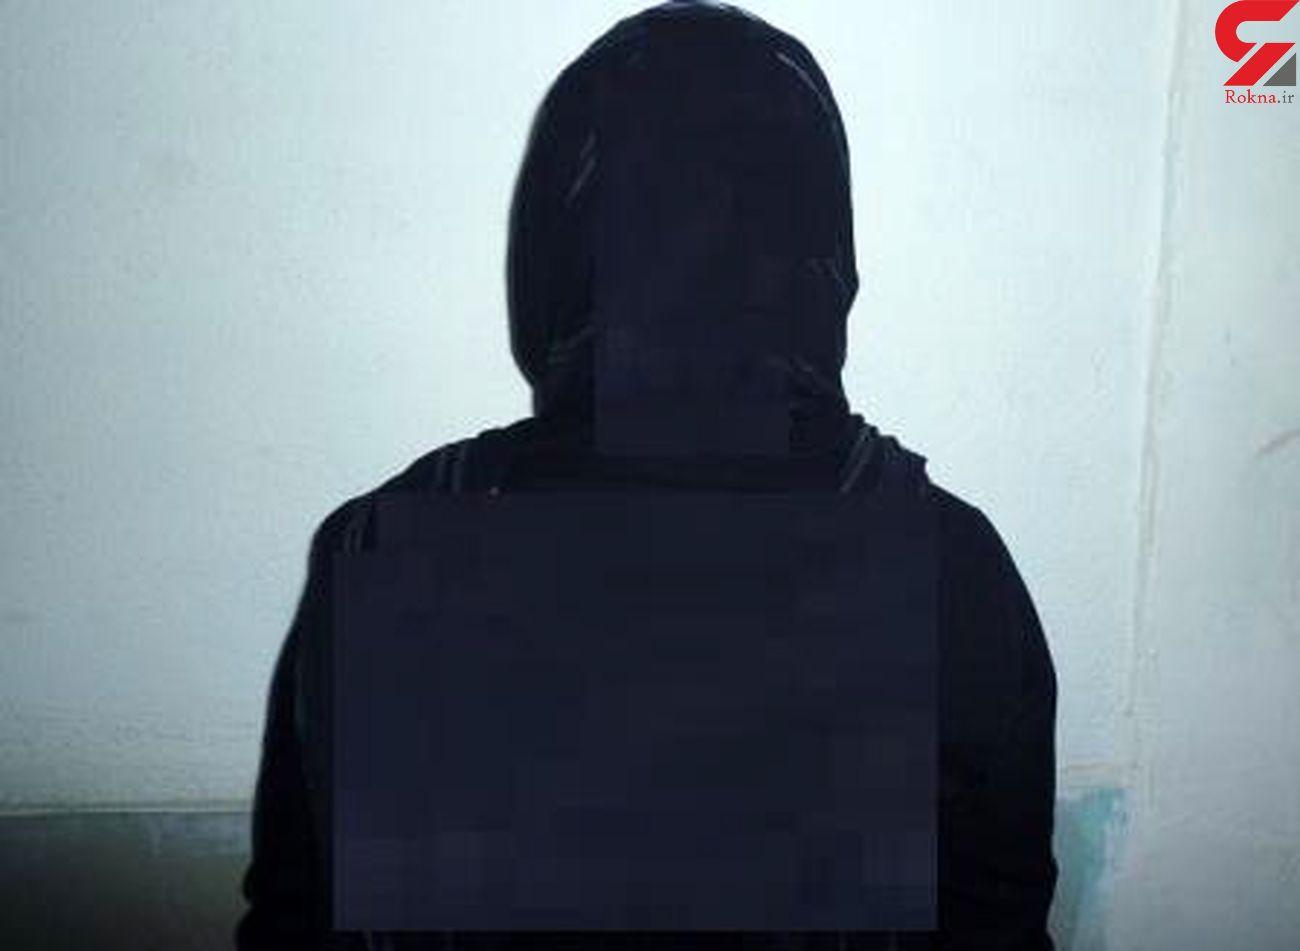 آبروی زن 37 ساله در رودبار رفت / ژیلا بازداشت شد